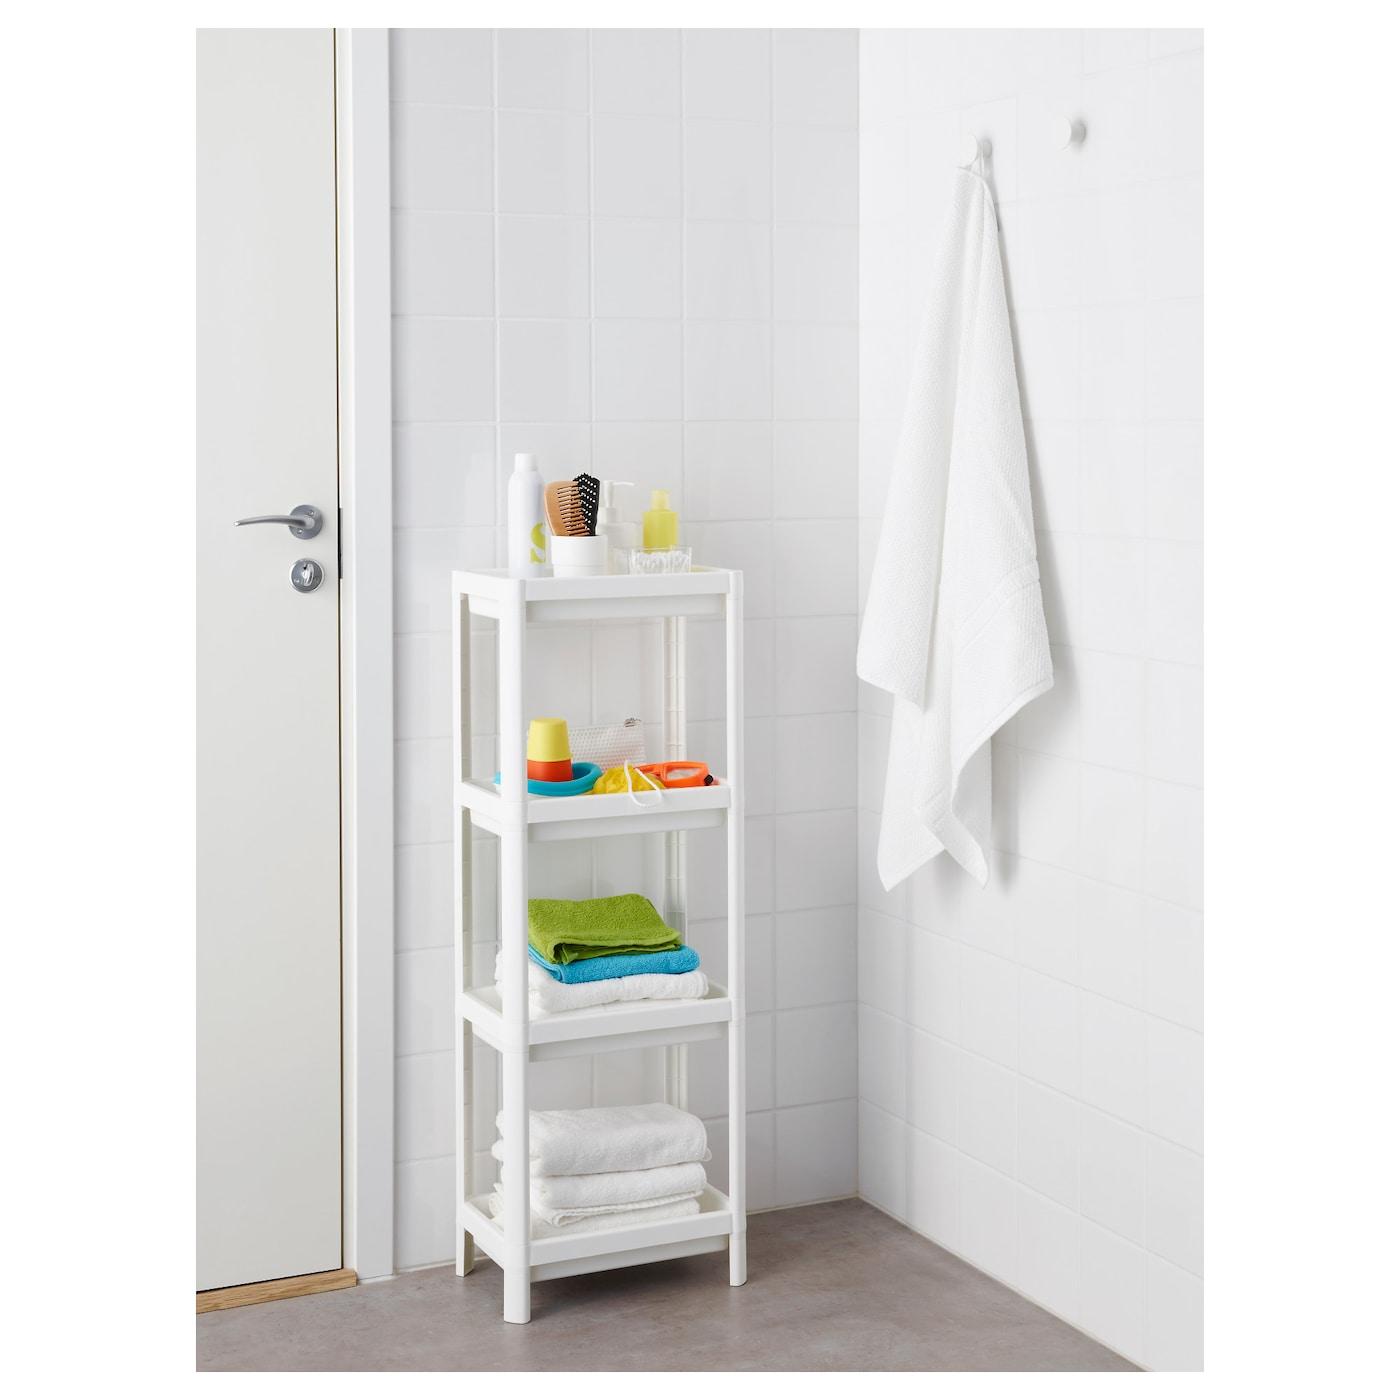 VESKEN Shelf Unit White 36 X 23 X 100 Cm